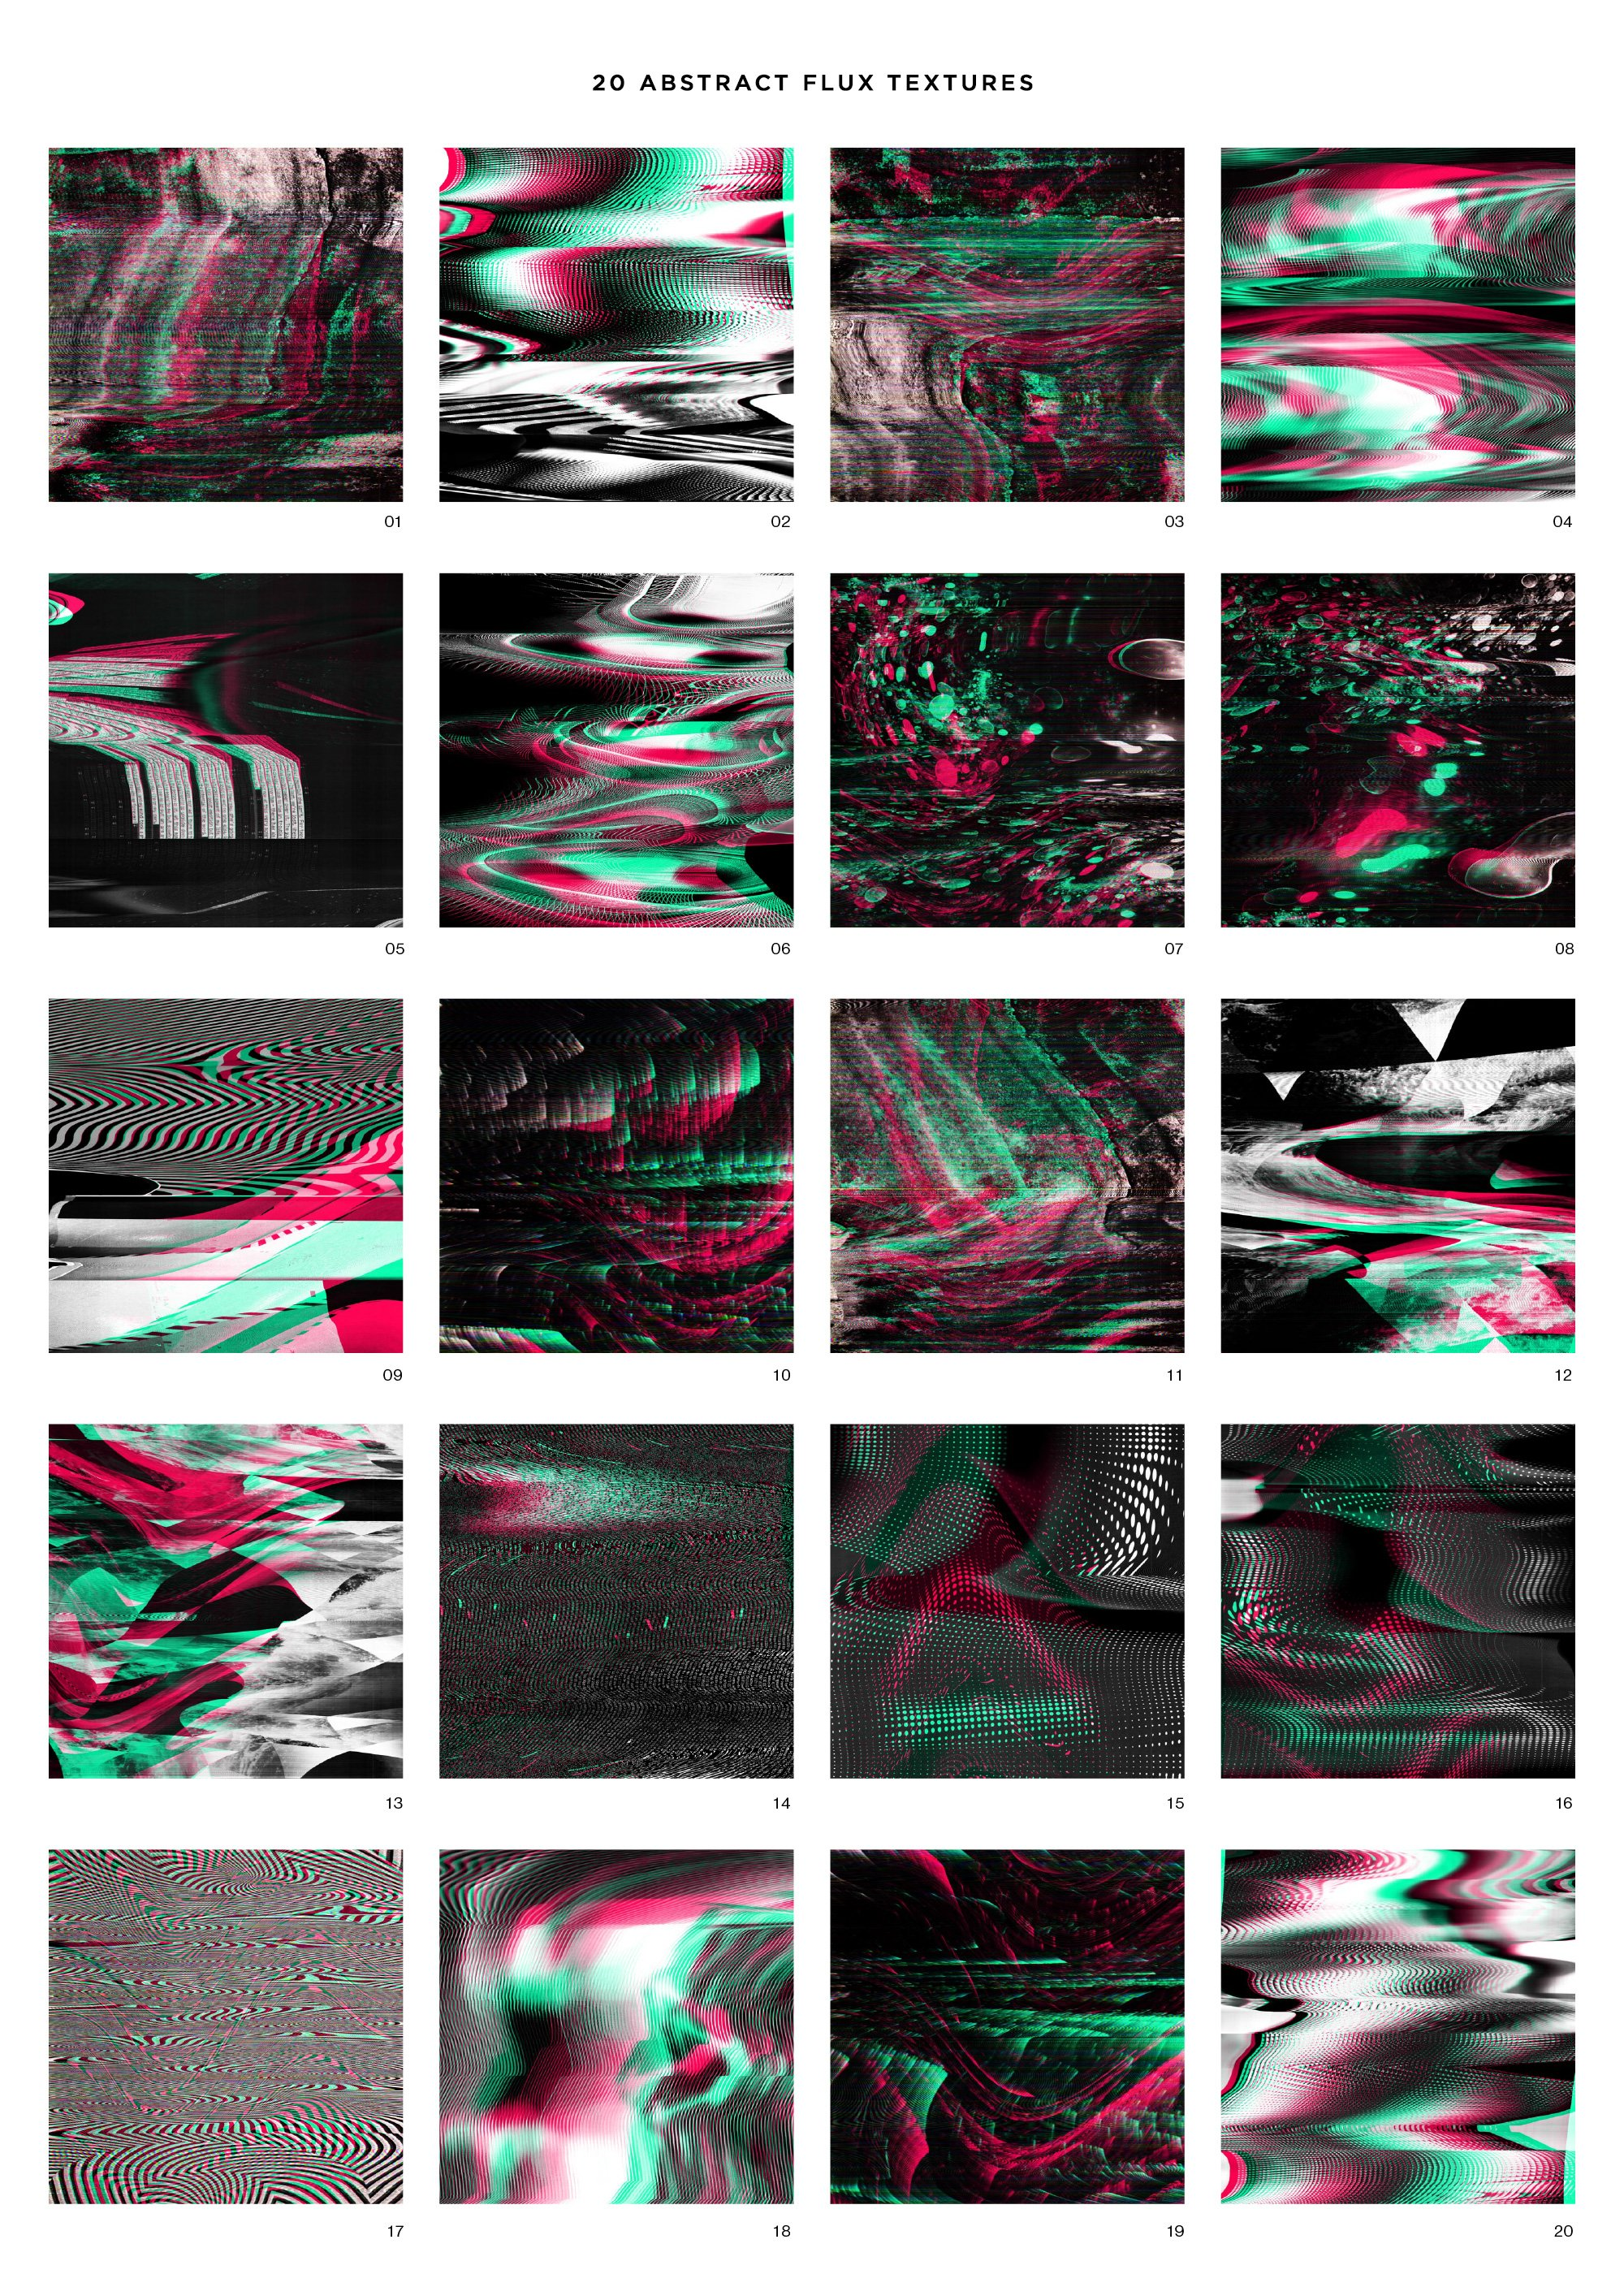 20款抽象高清失真故障海报设计底纹背景图片素材 RuleByArt – Flux Distortion Textures插图5